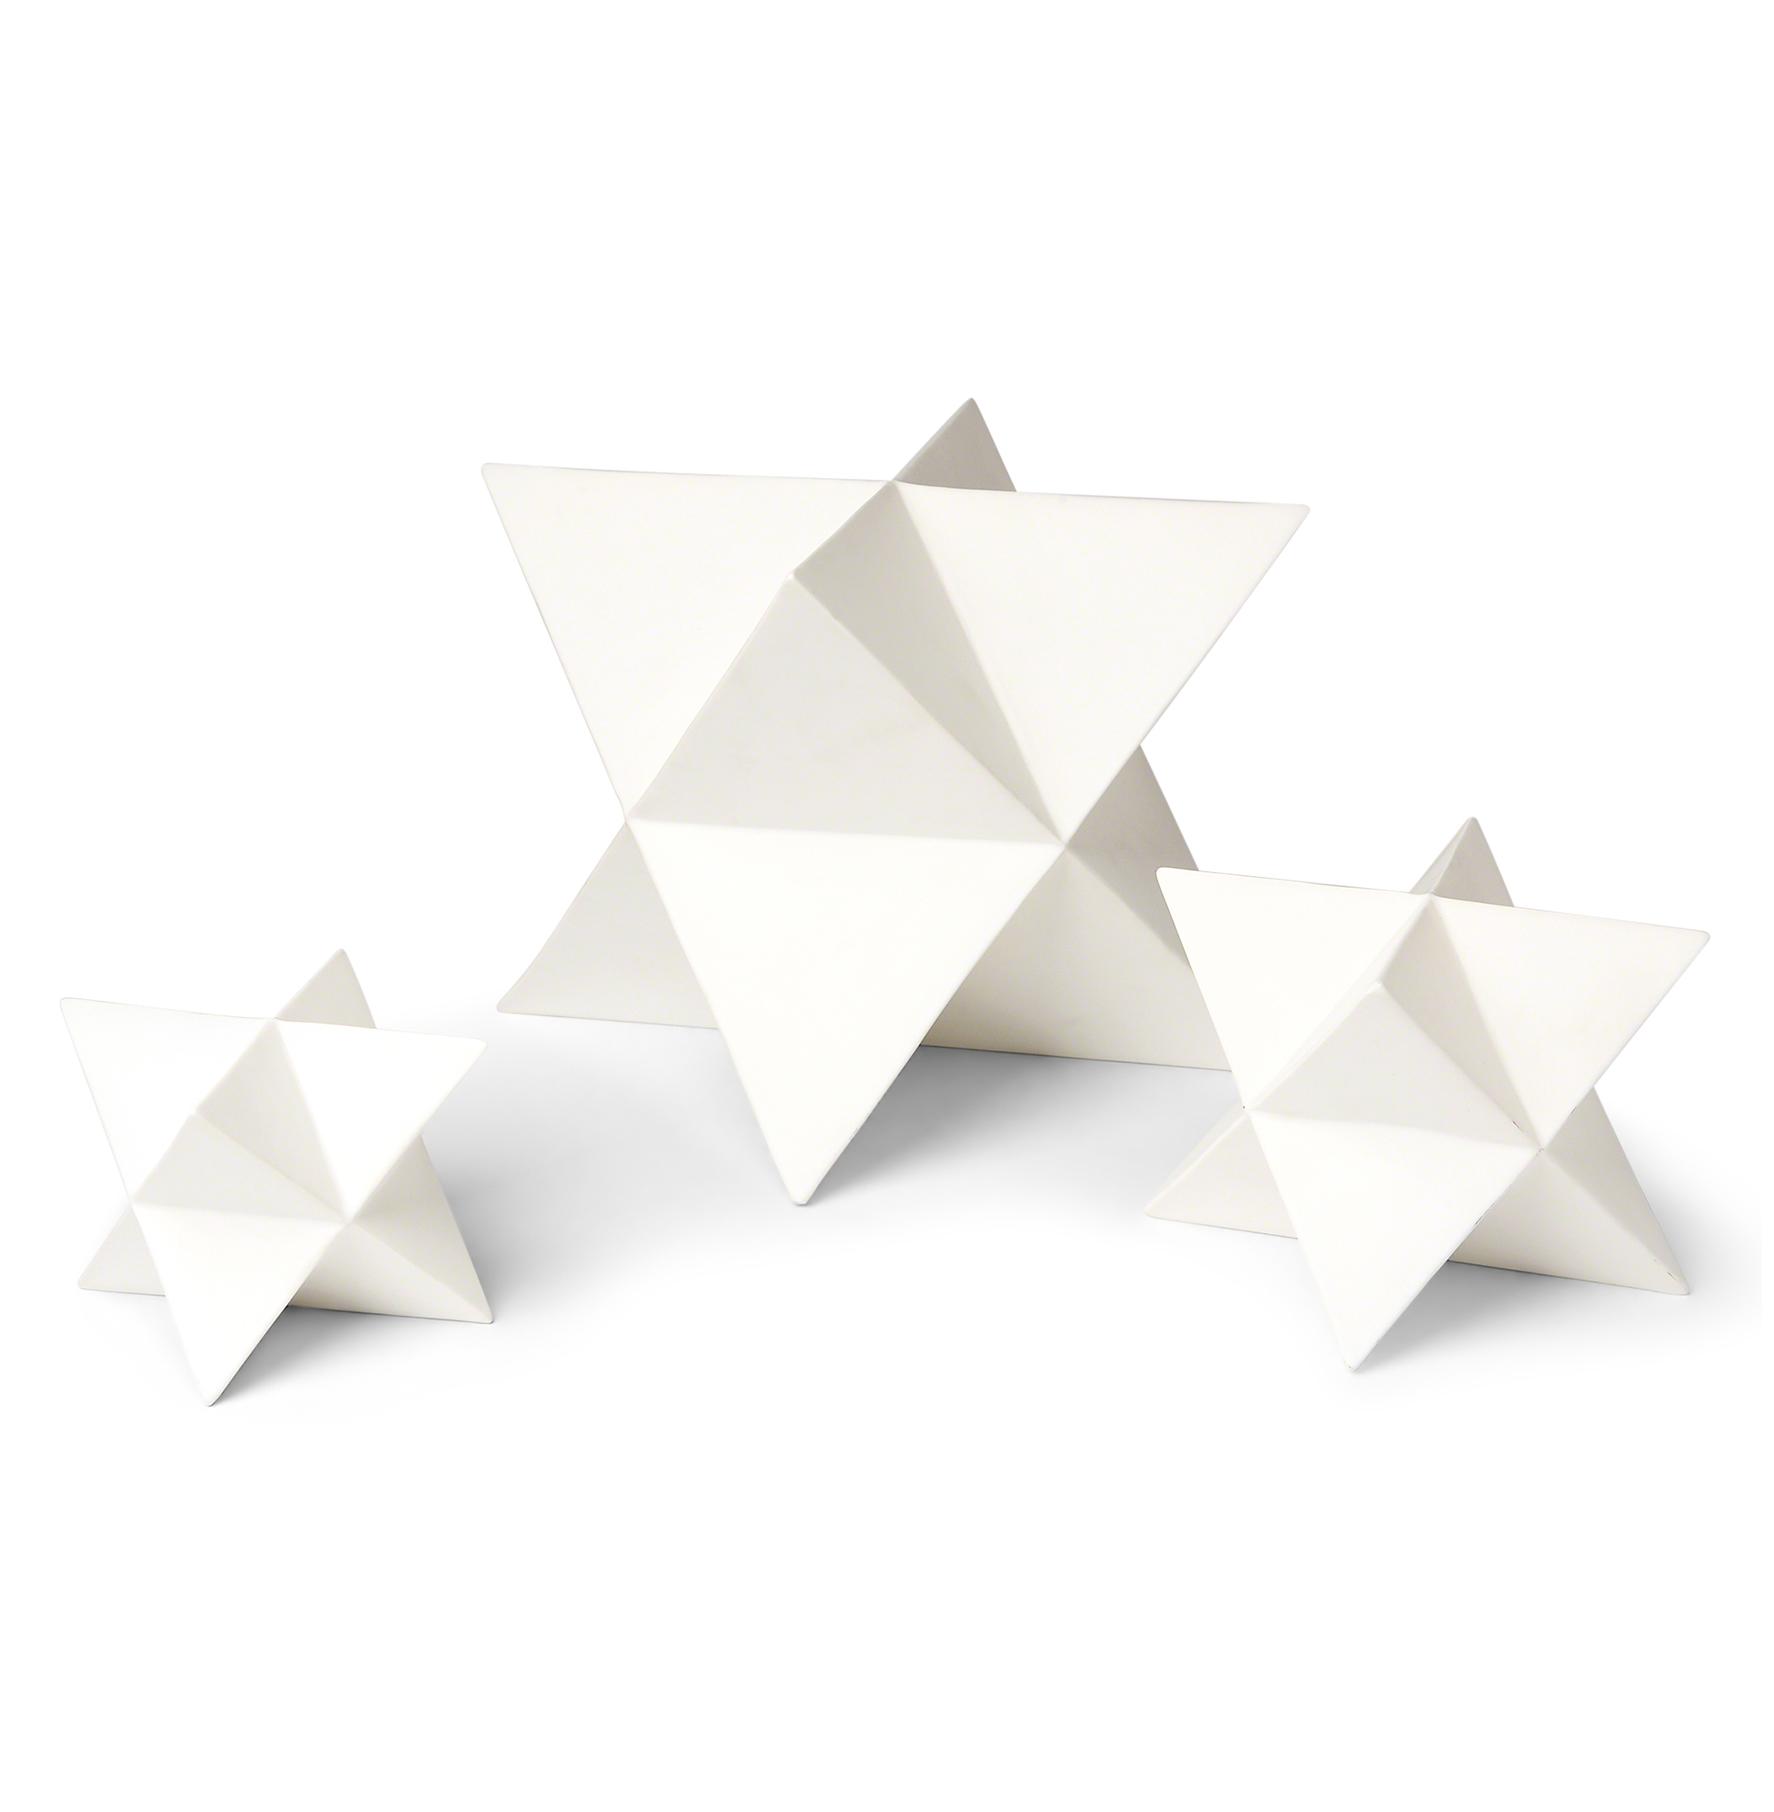 Orion White Ceramic Polyhedron Stars - Set of 3